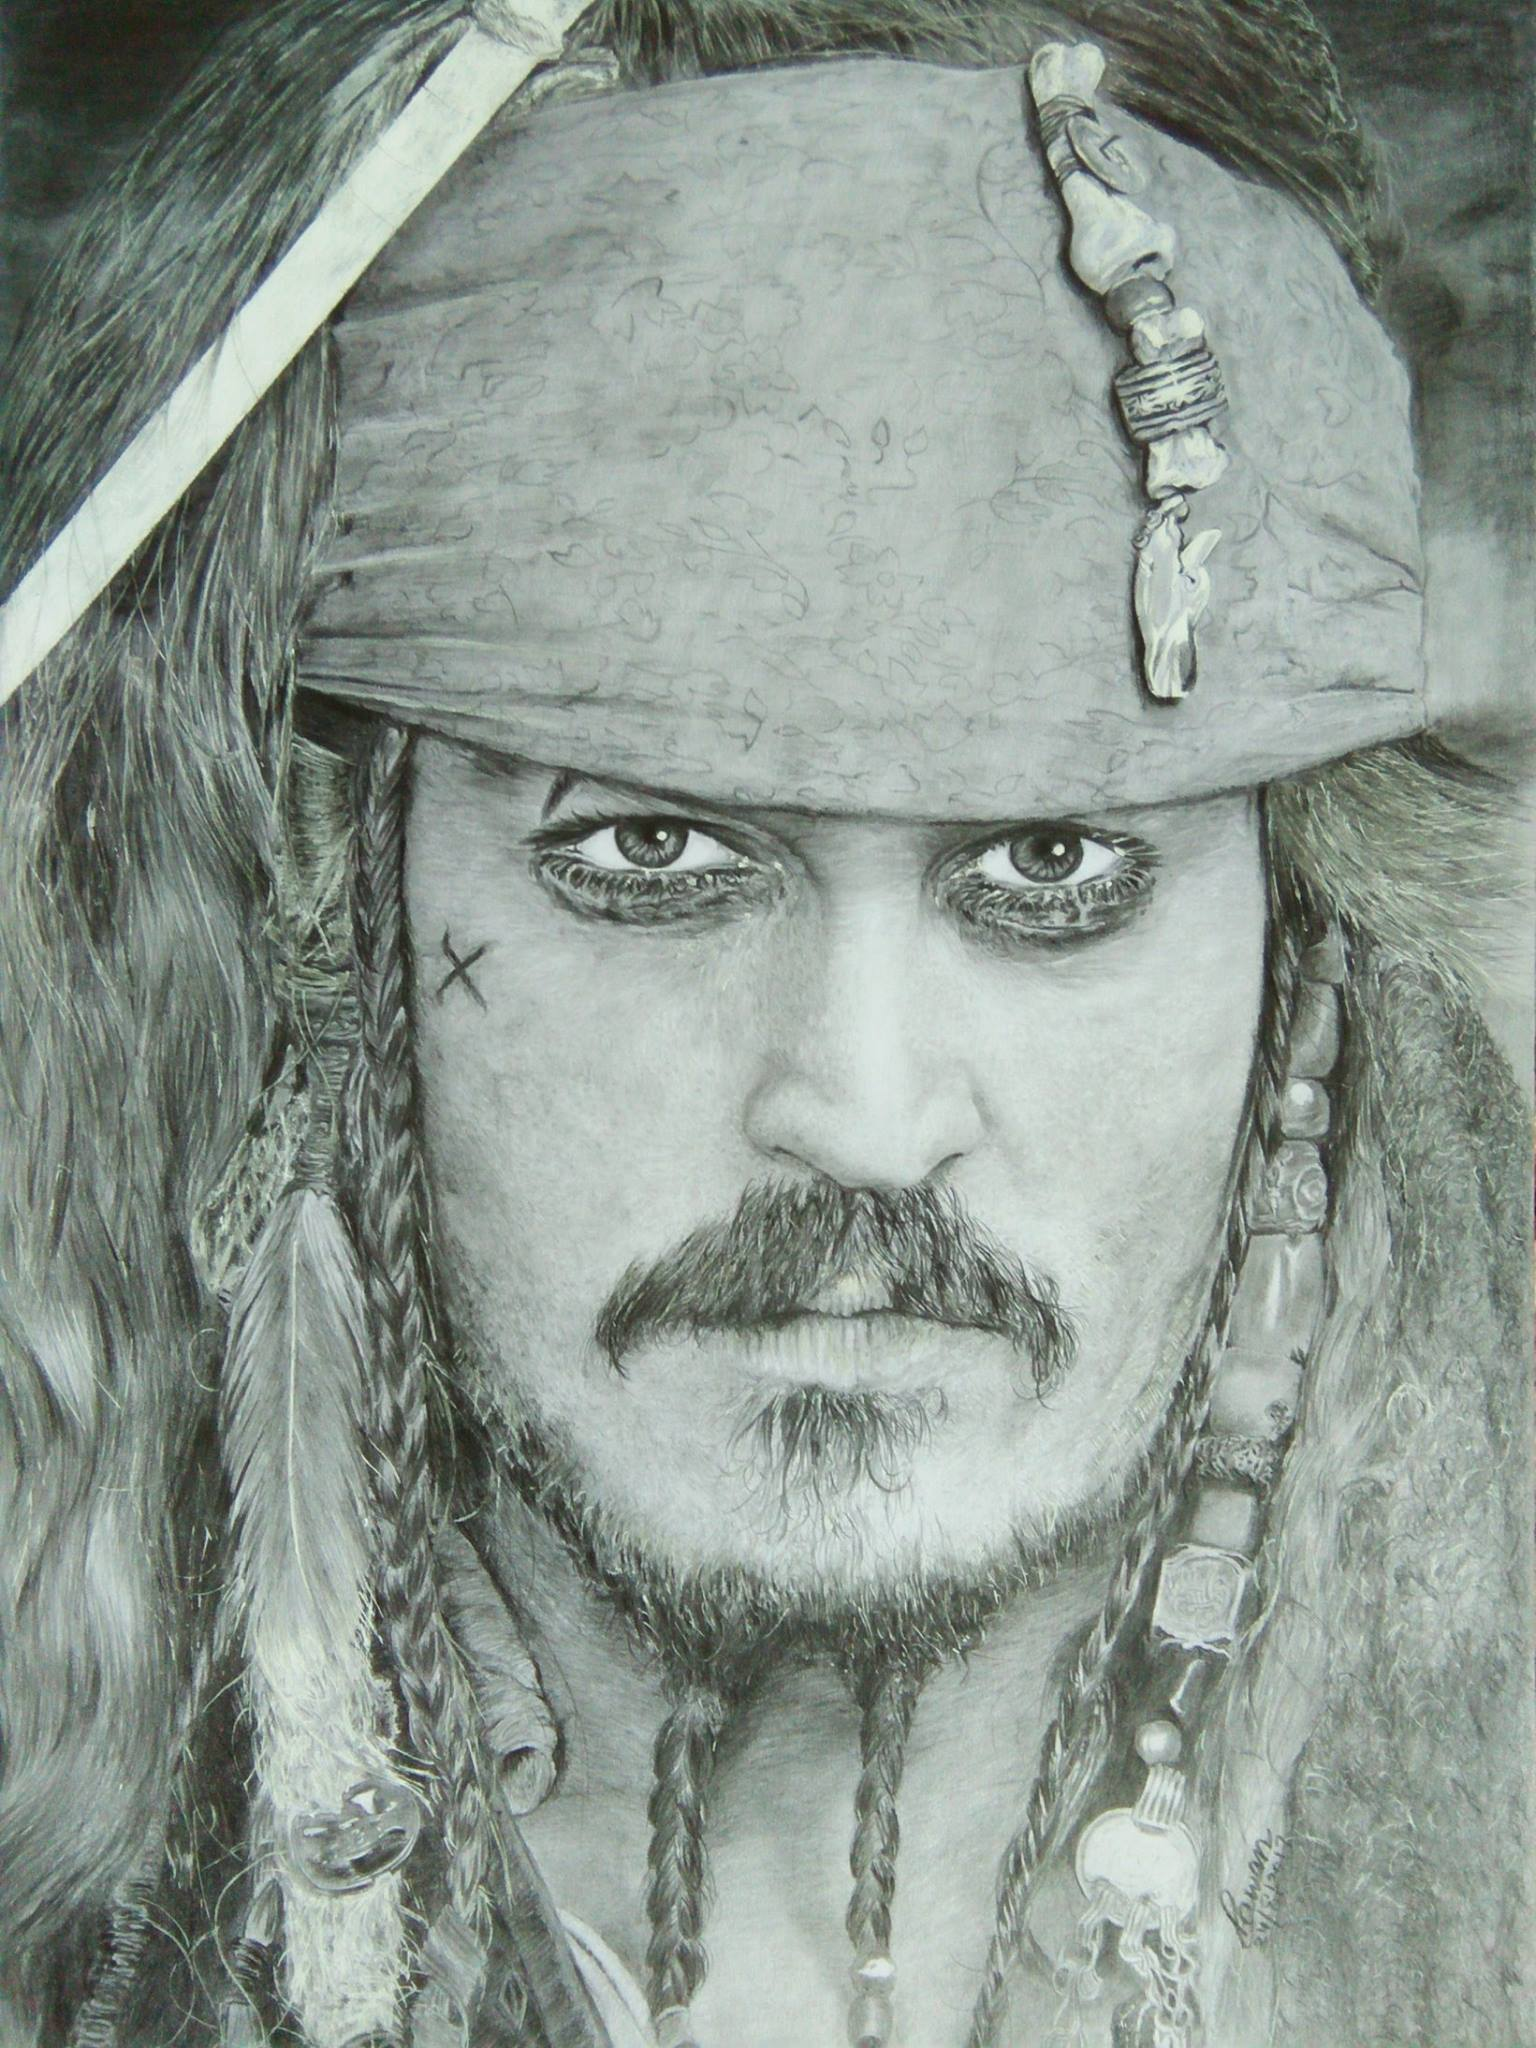 Jonny Depp Sketch Fine Art by Pawan Kumar